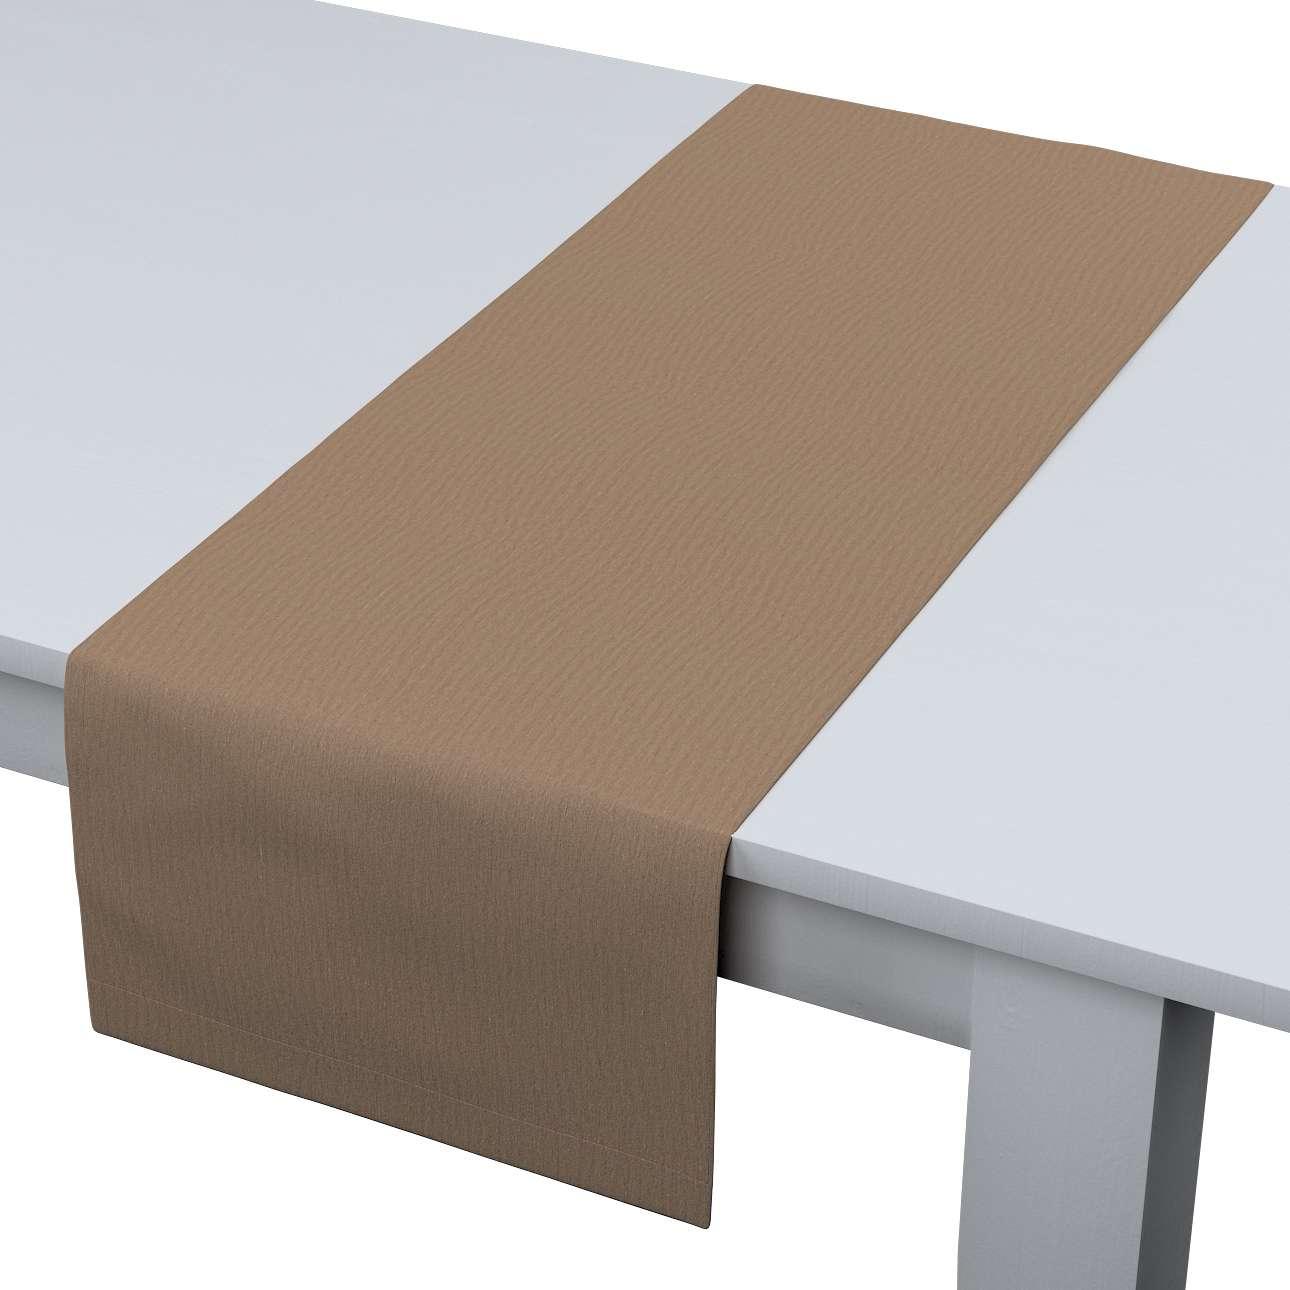 Rechteckiger Tischläufer 40 x 130 cm von der Kollektion Quadro, Stoff: 136-09